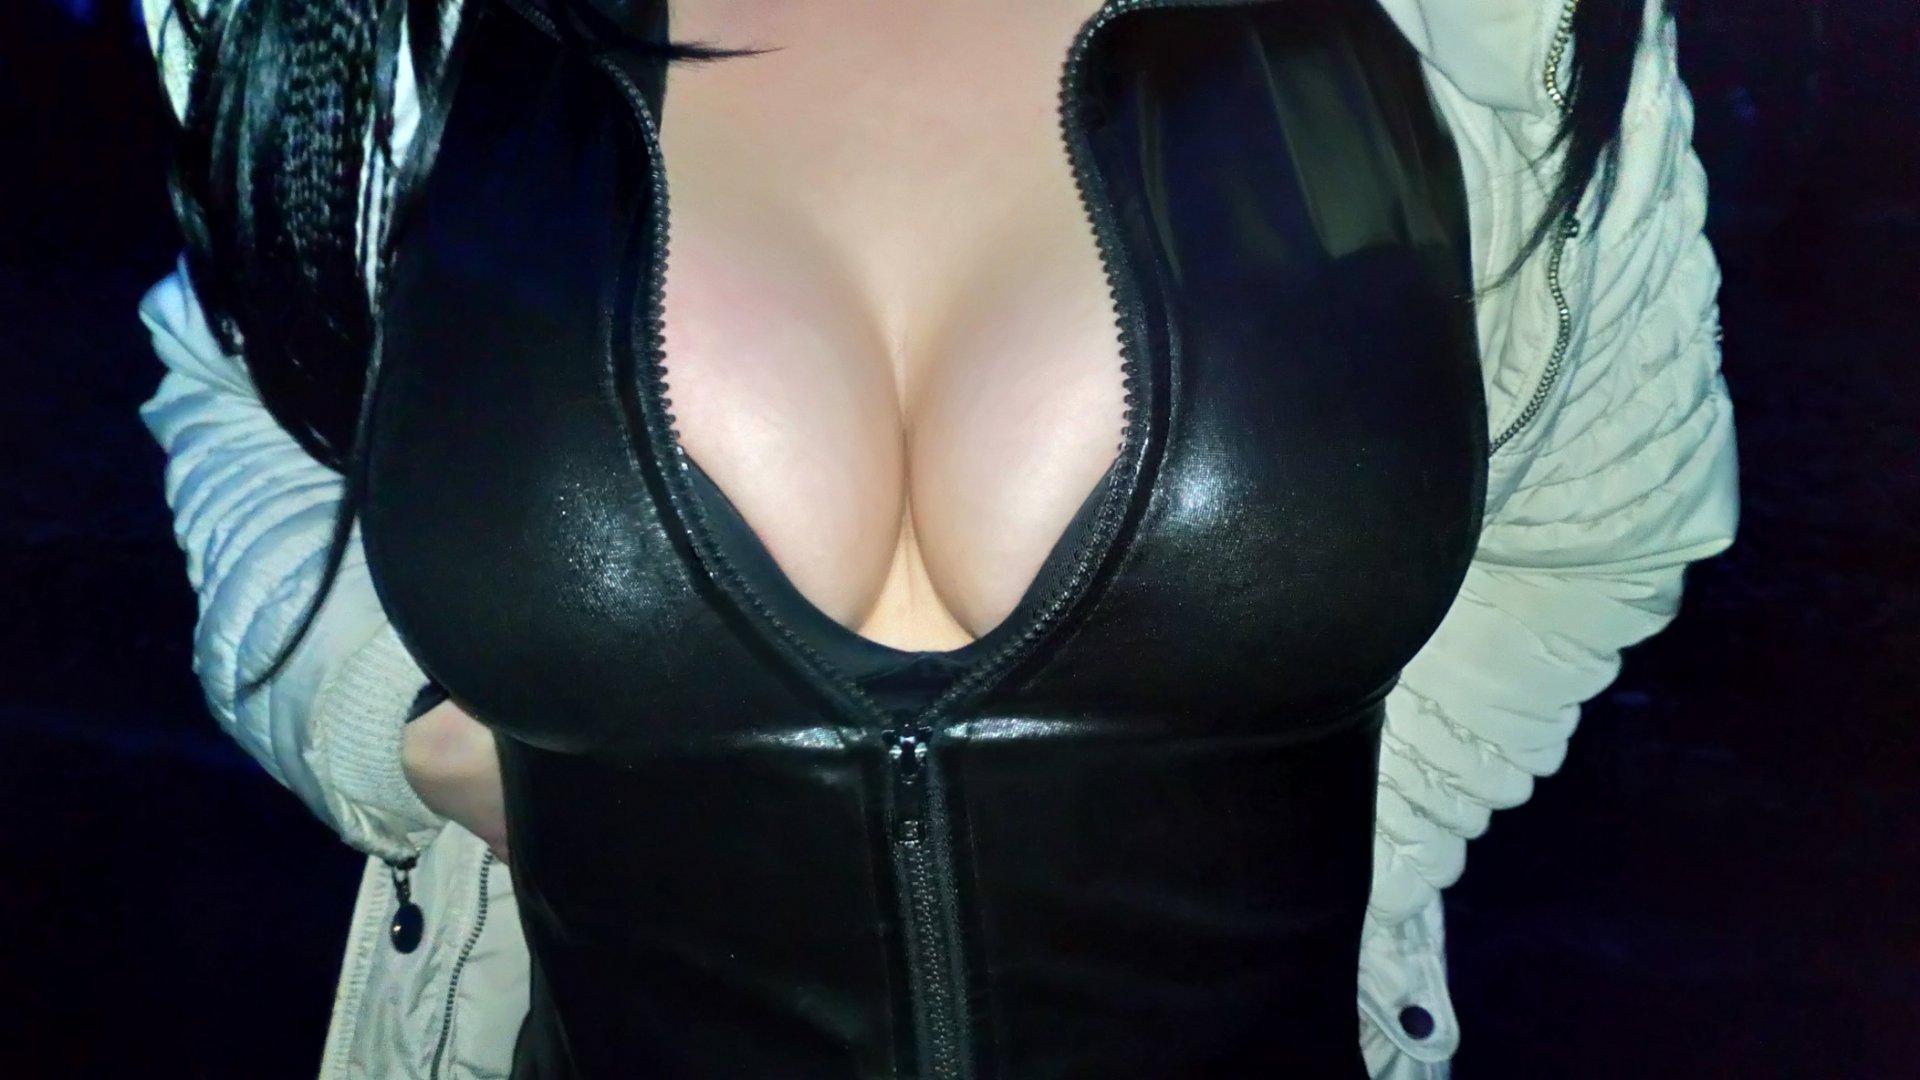 BDSMcouple uit Gelderland,Nederland